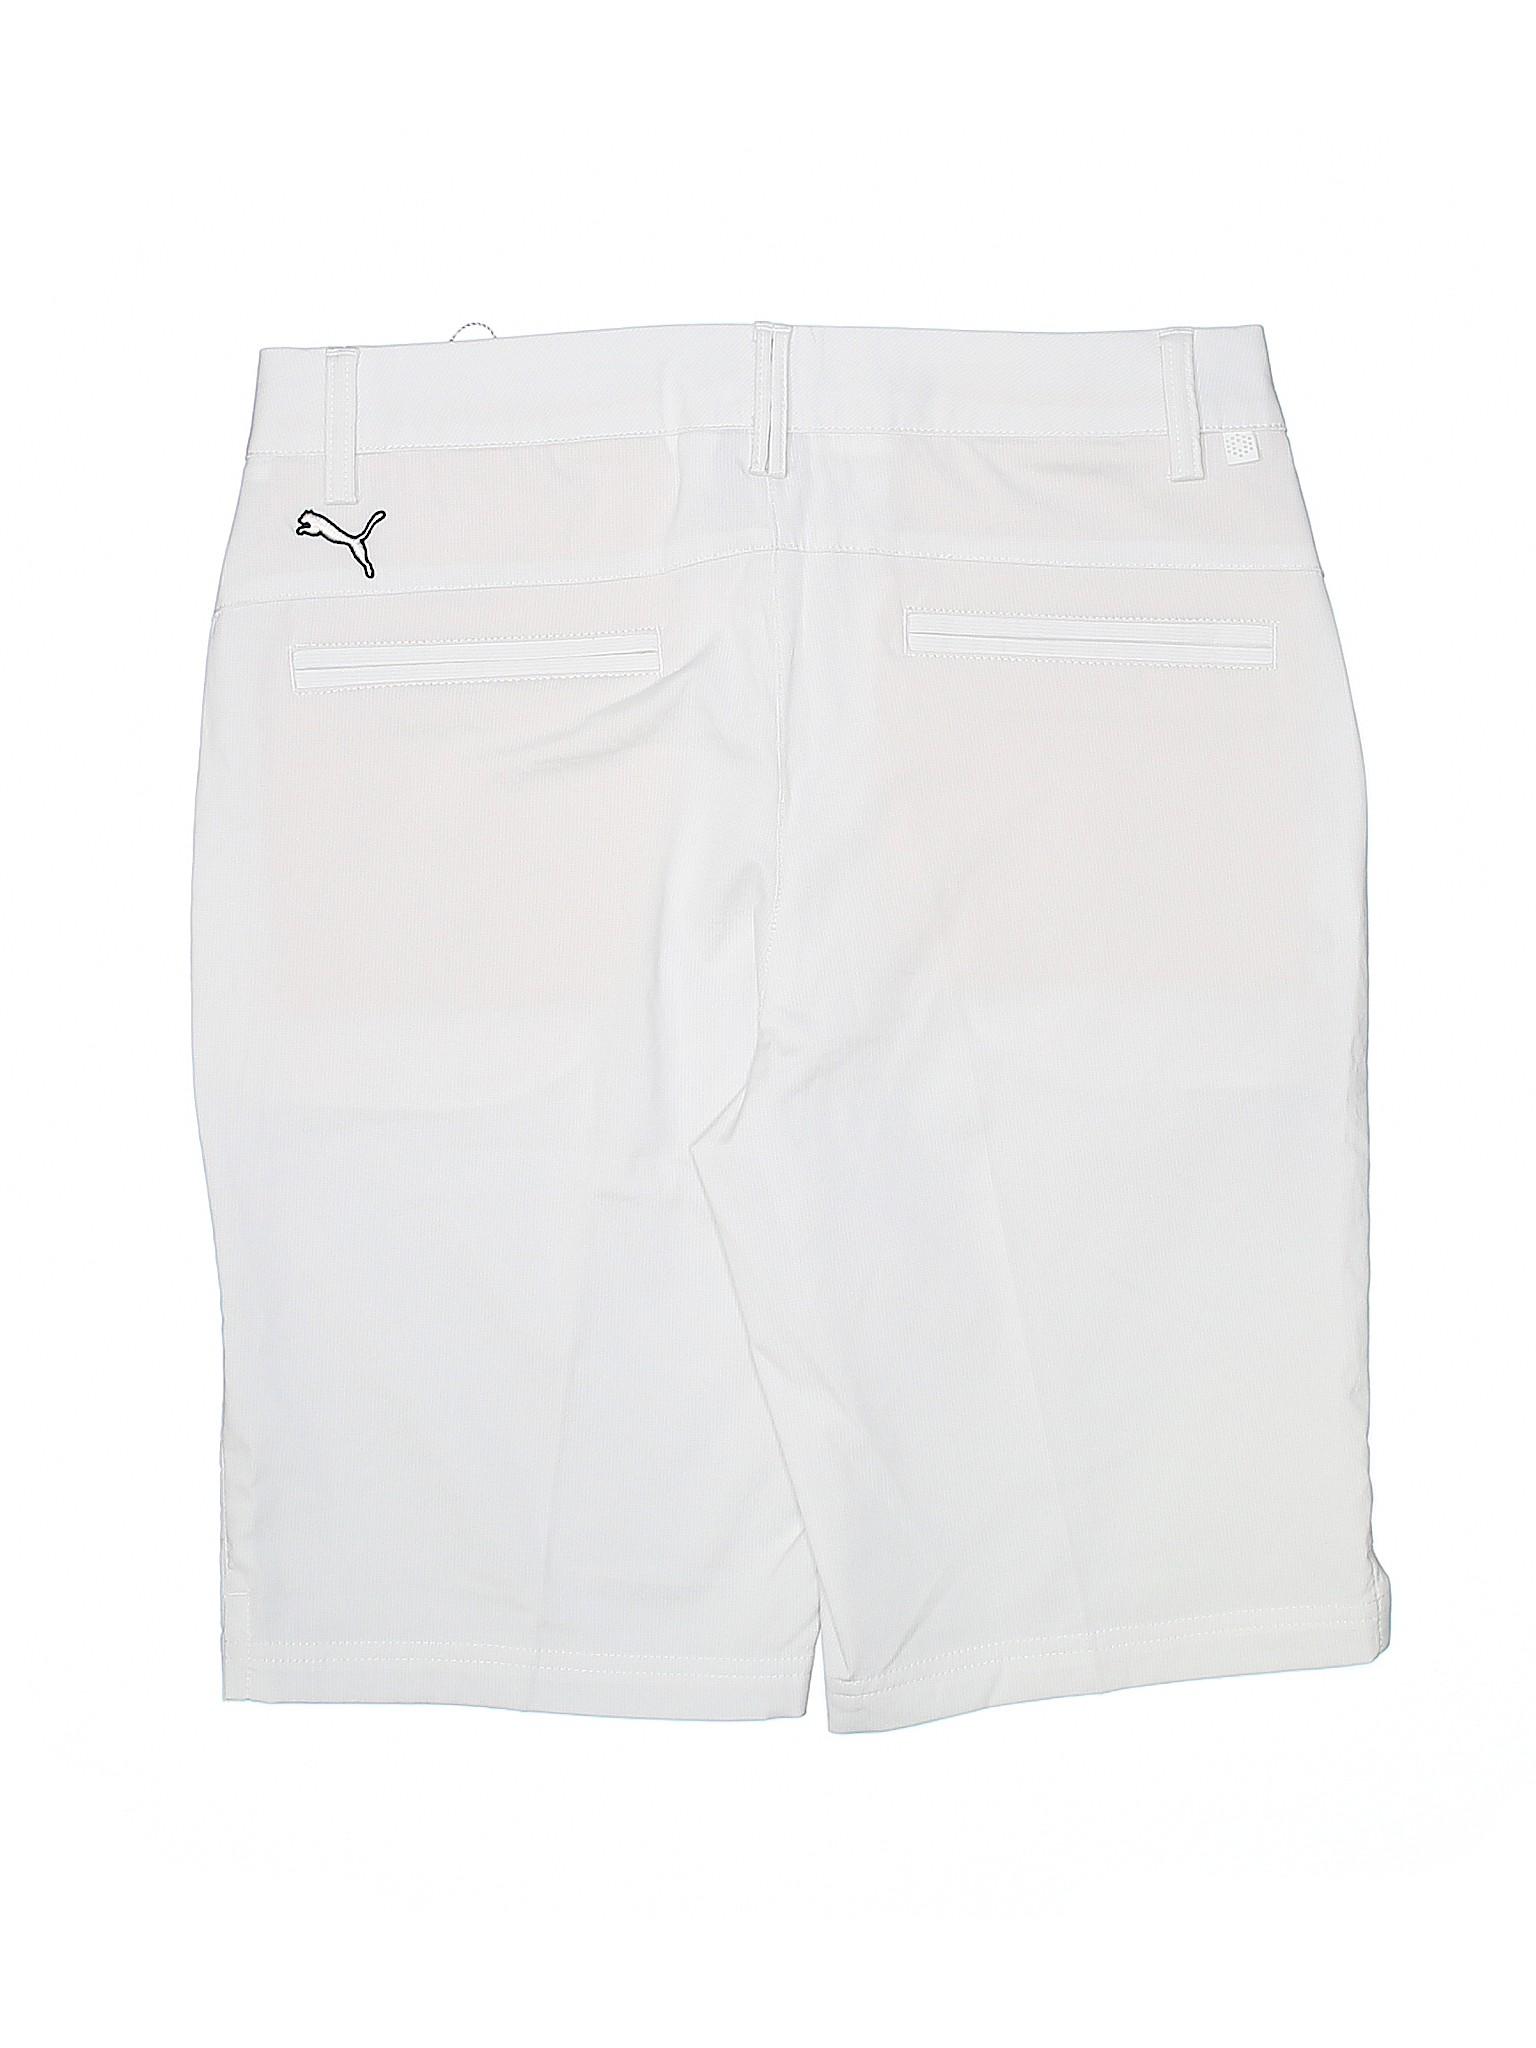 Boutique Athletic Puma Shorts Shorts Boutique Boutique Puma Puma Athletic Athletic Shorts 8w8rUzFq